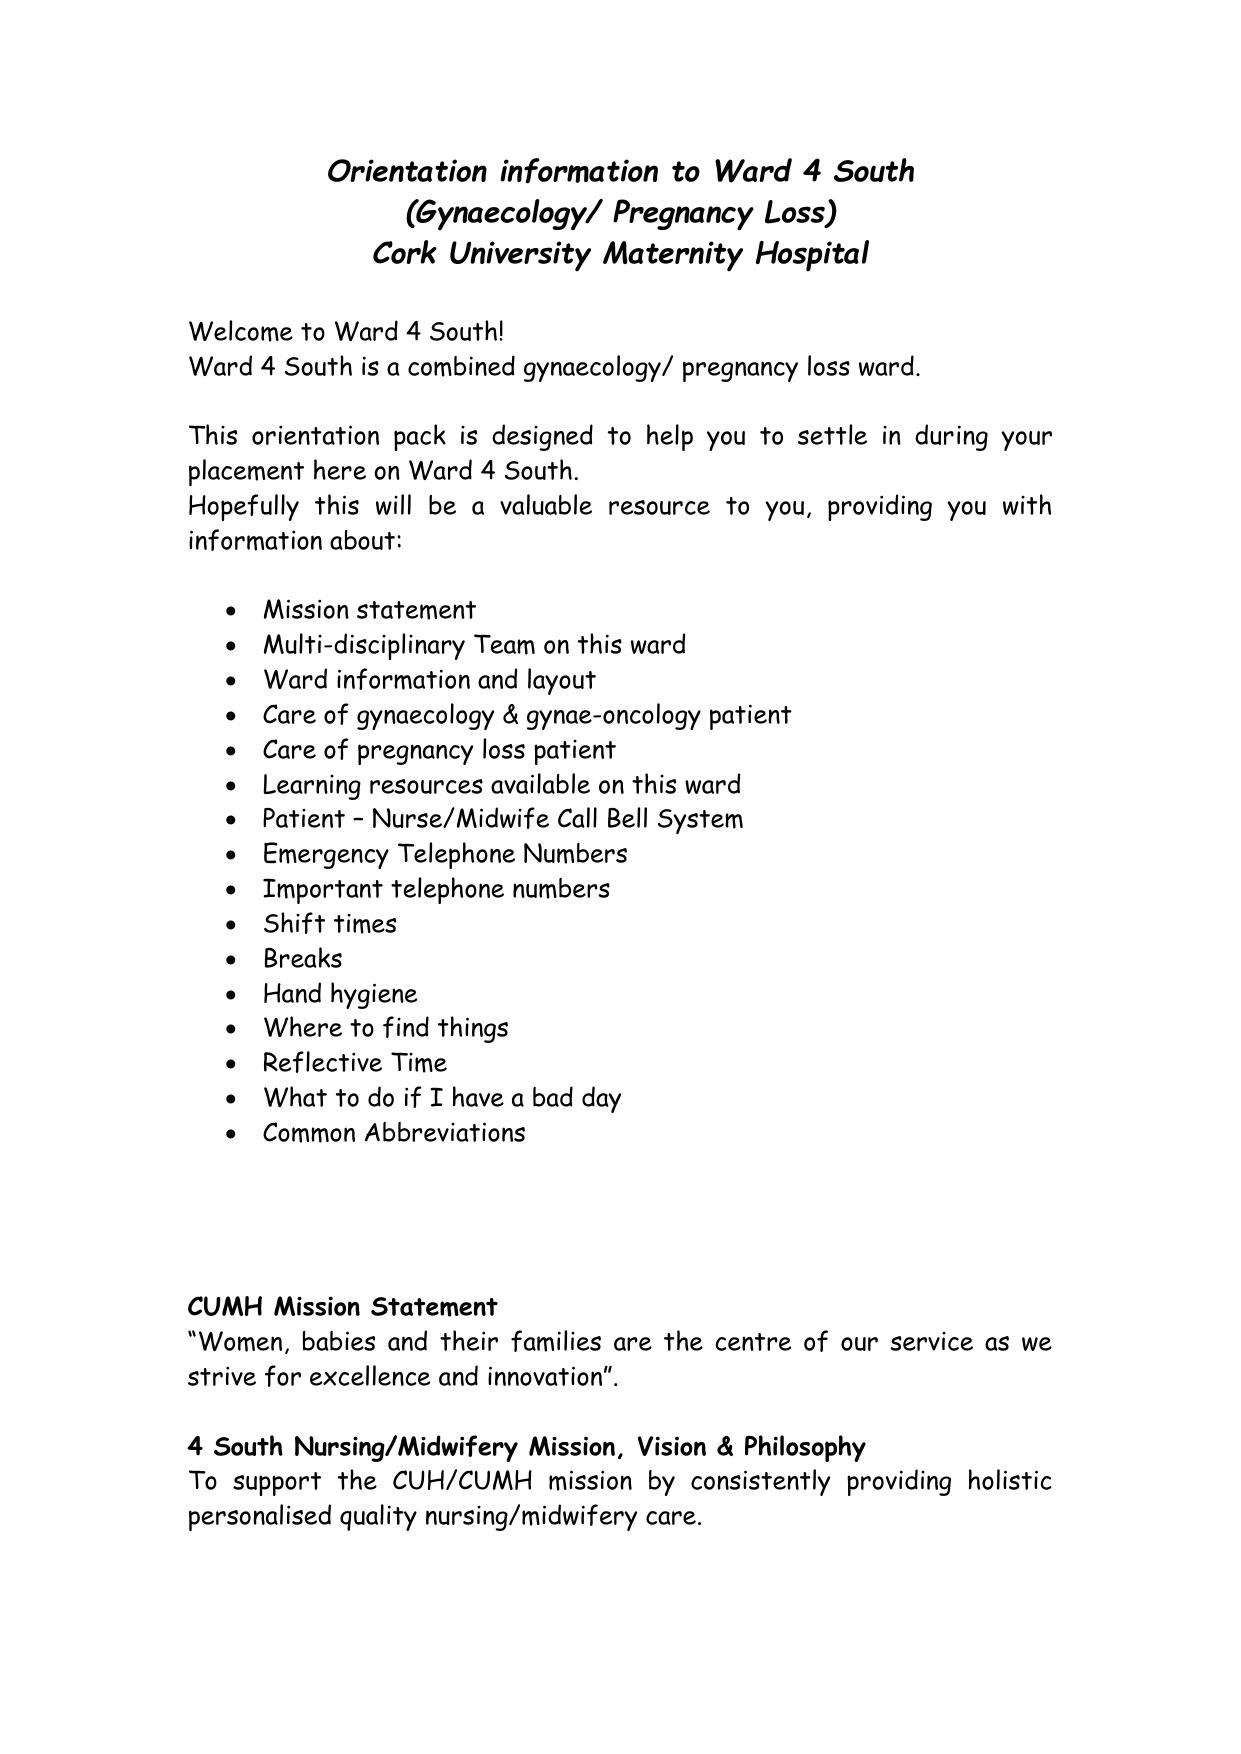 CUMH Ward 4 South Orientation Document 2014